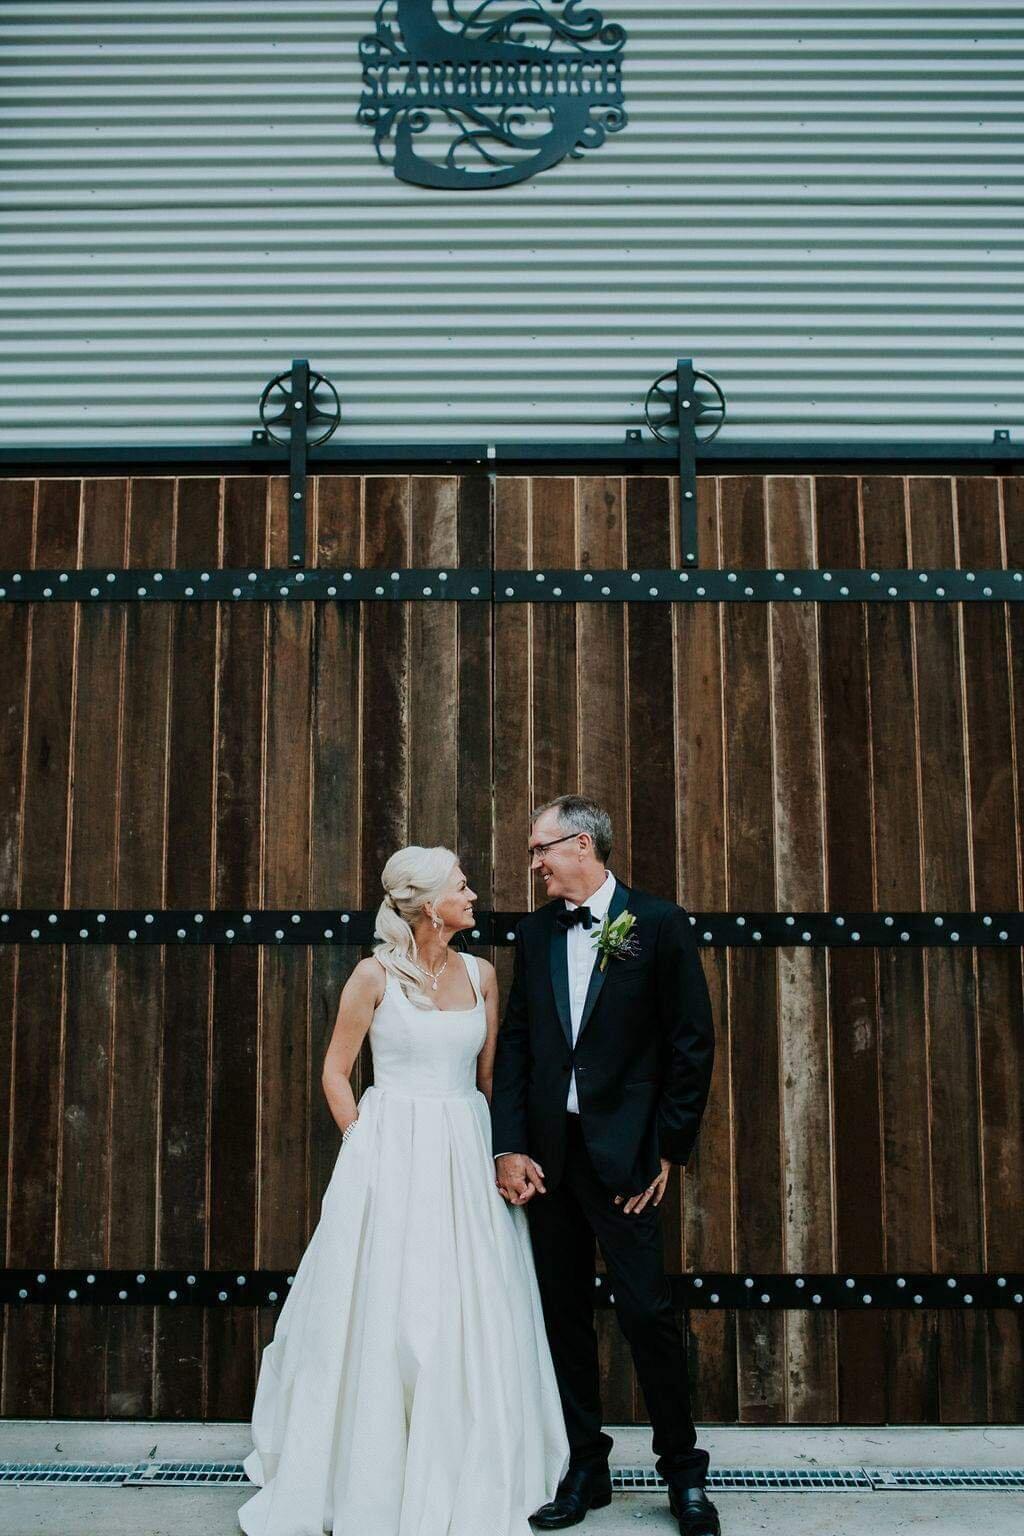 bespoke-bridal-shop-designer-helena-couture-designs-custom-wedding-dresses-gold-coast-brisbane-affordable.jpg